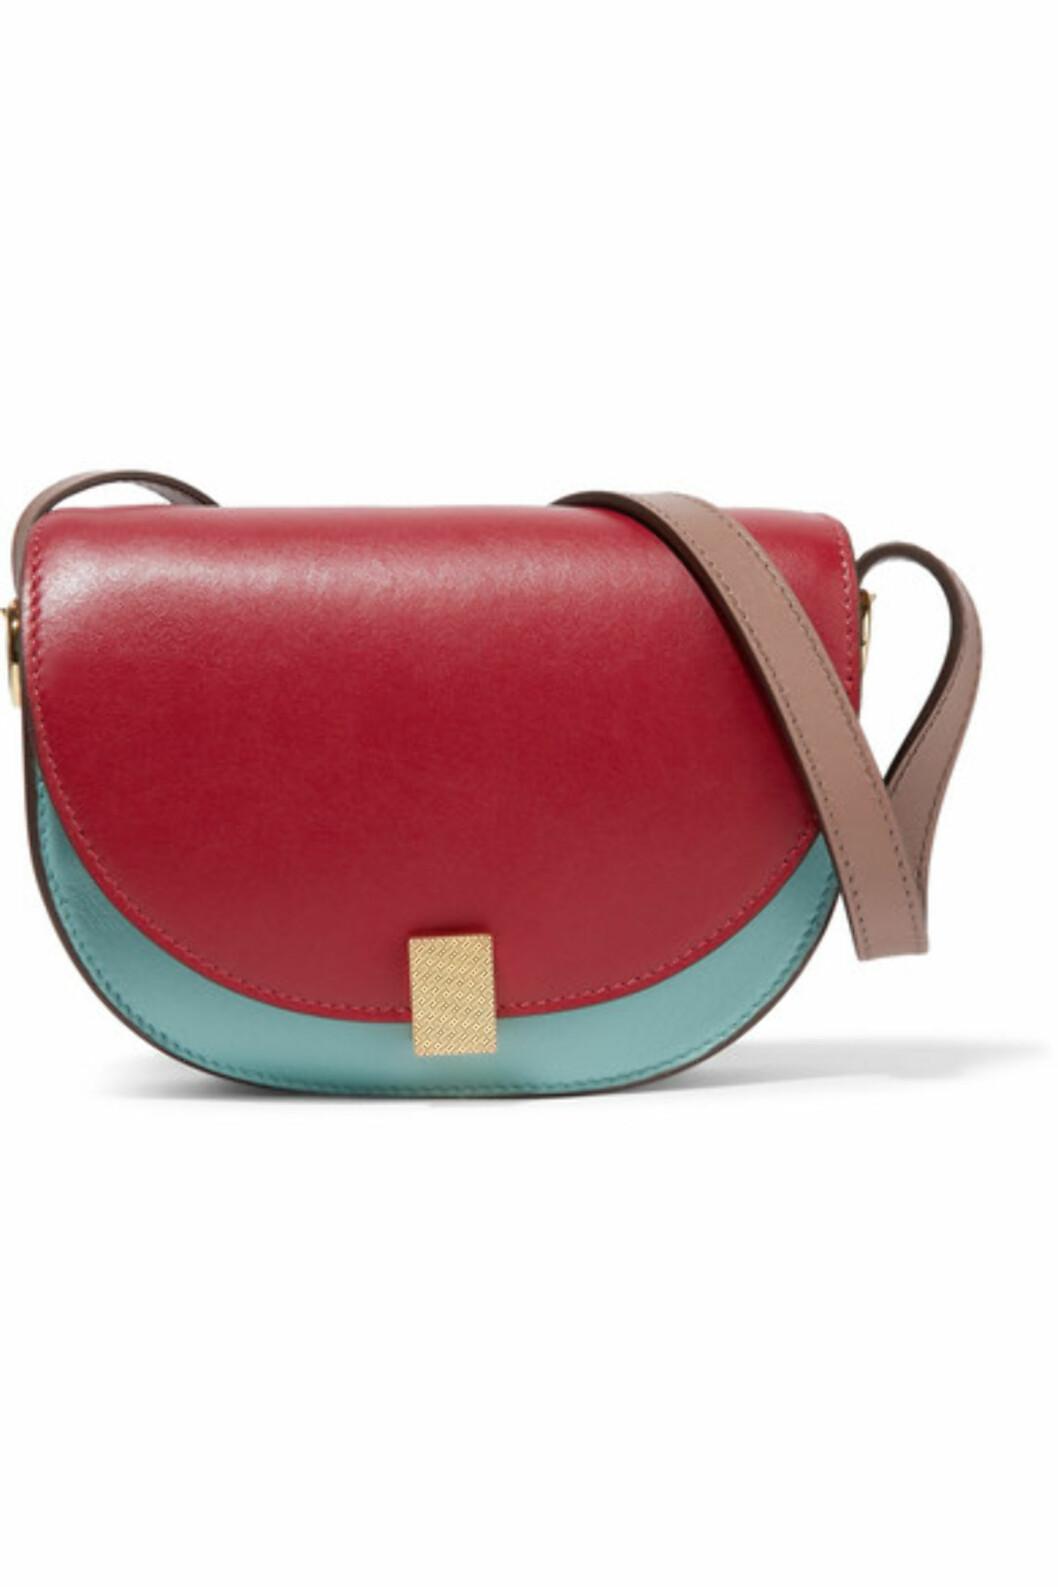 <strong>Veske fra Victoria Beckham |5730,-| https:</strong>//www.net-a-porter.com/no/en/product/915221/victoria_beckham/half-moon-box-nano-leather-shoulder-bag